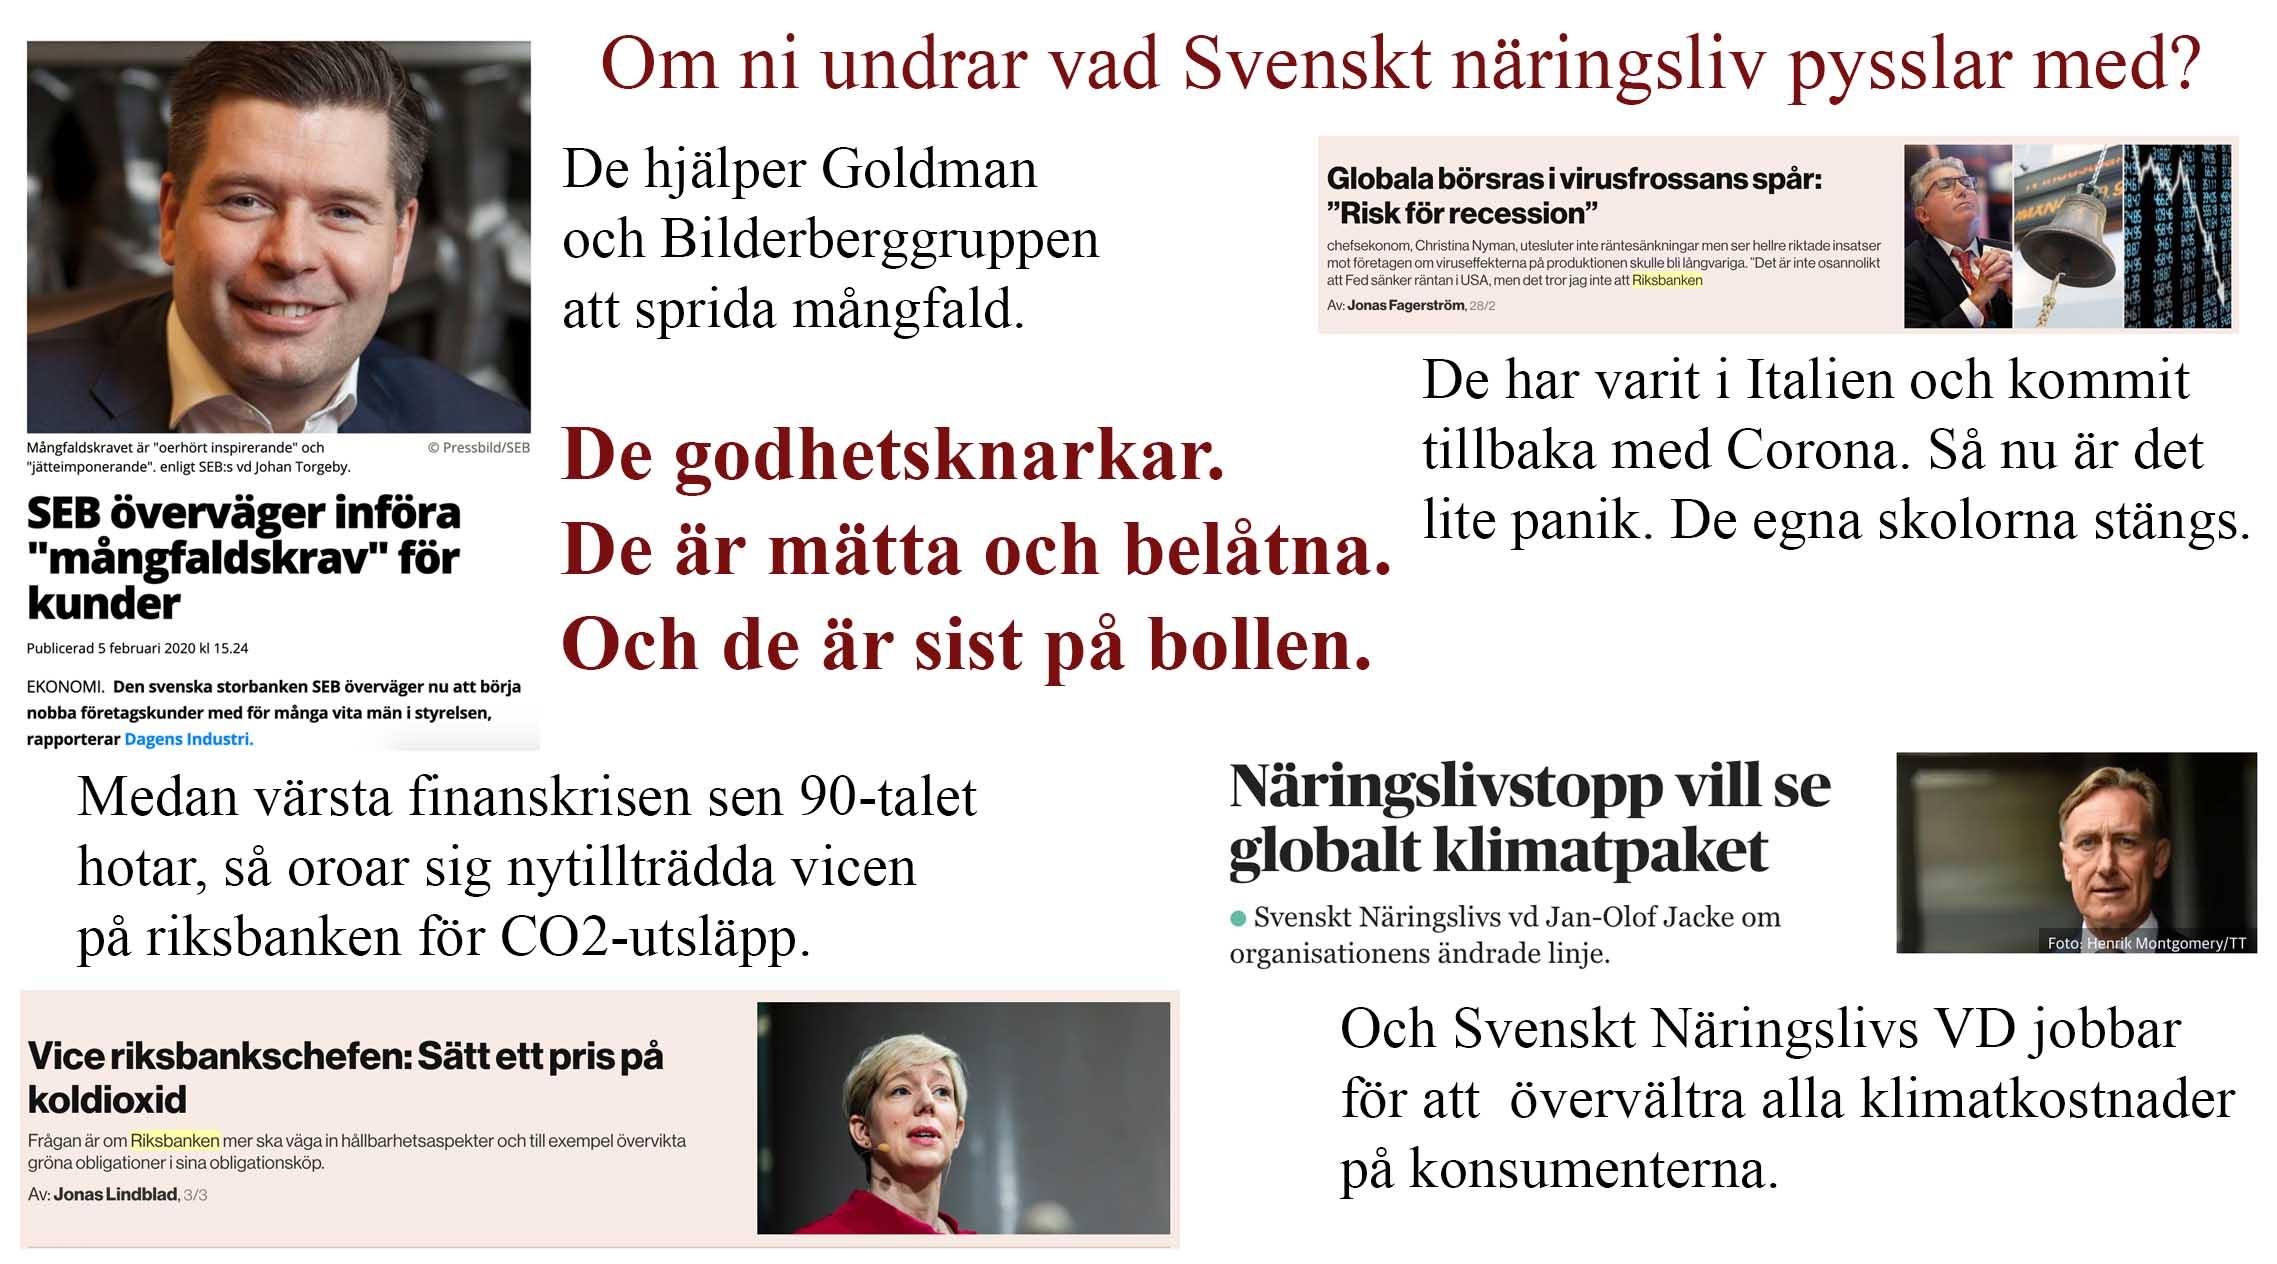 Mutat av nollränta och kronfall jobbar Svenskt Näringsliv för sina välgörare. Men är ohjälpligt sist på bollen.